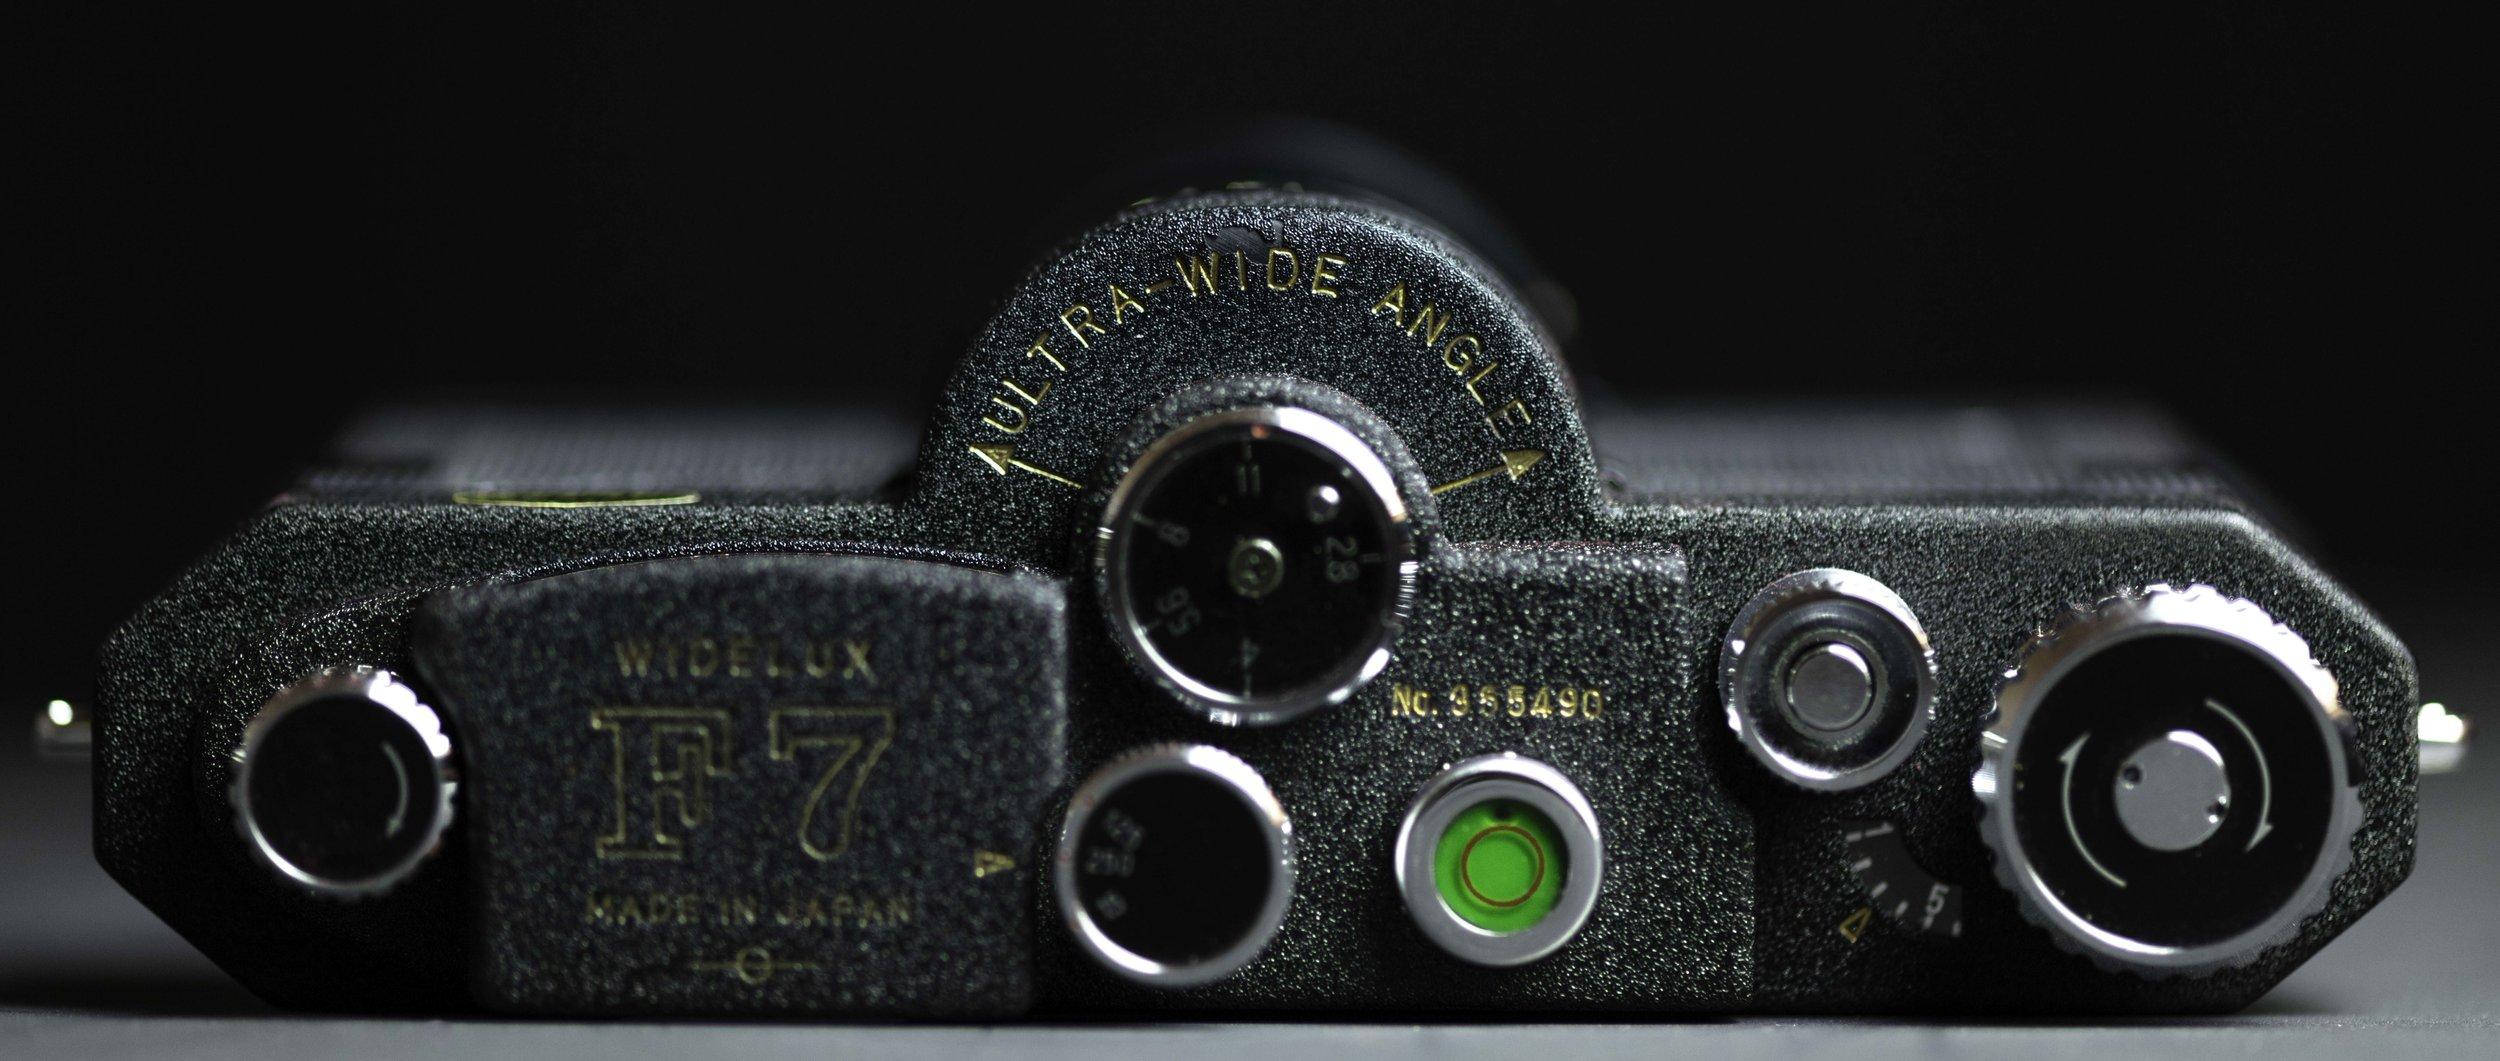 7D5A0051.jpg